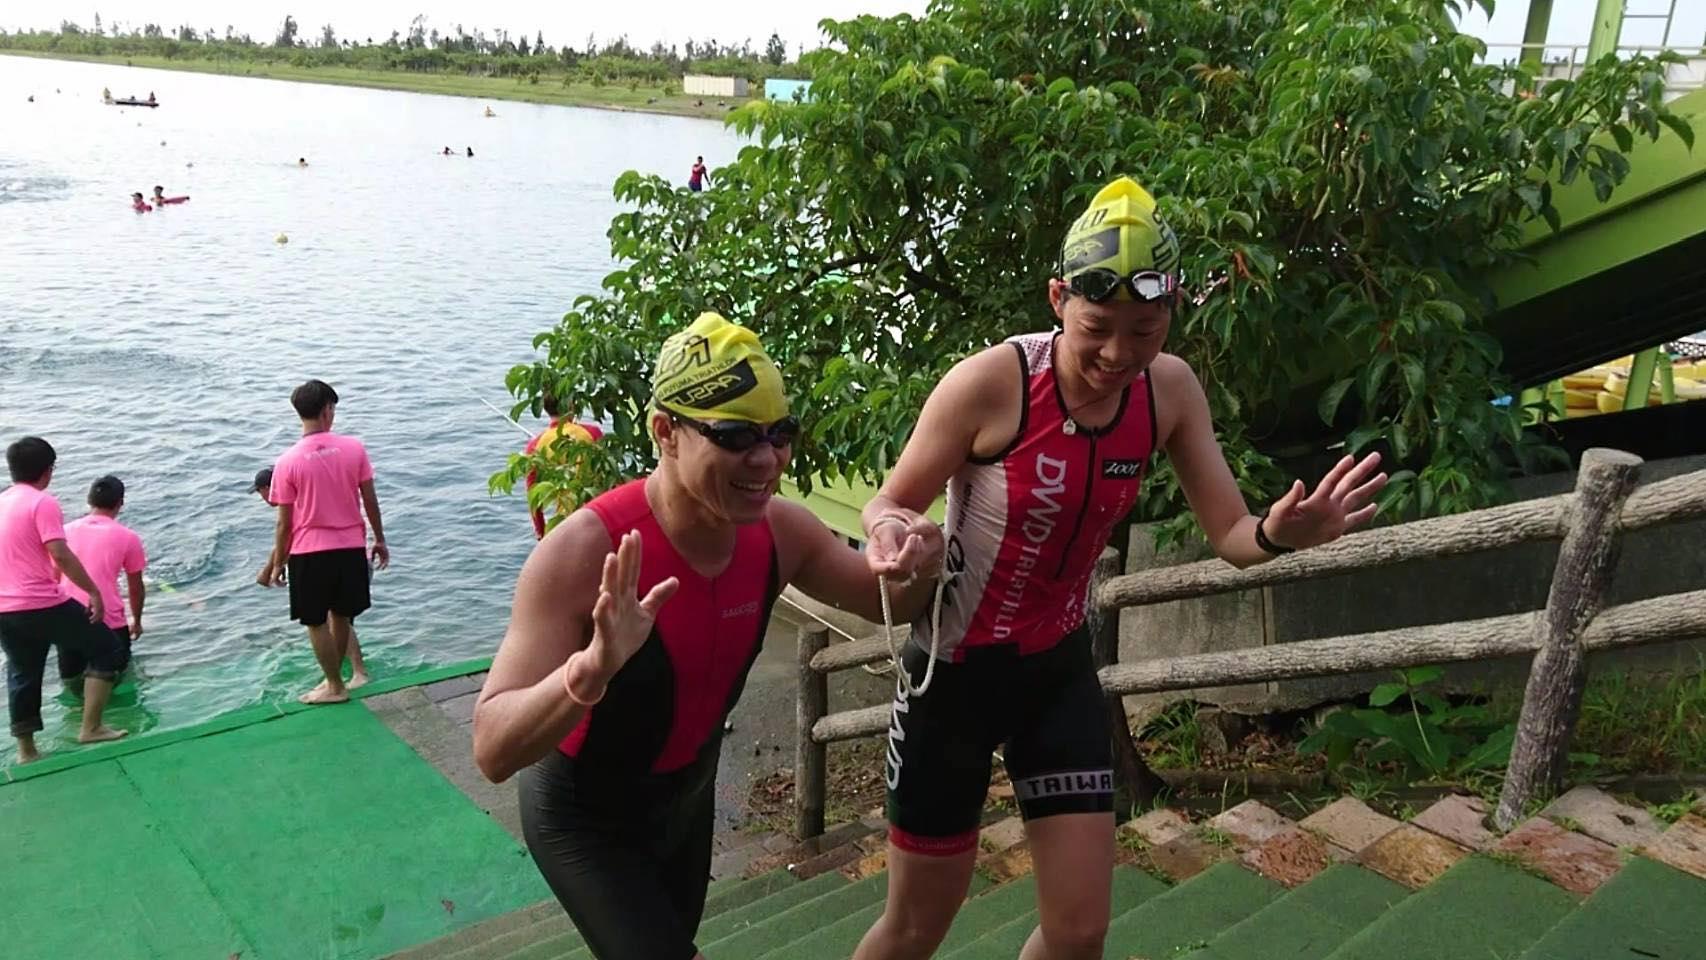 智傑參加鐵人三項游泳項目,右為筱嵐為他找的搭檔